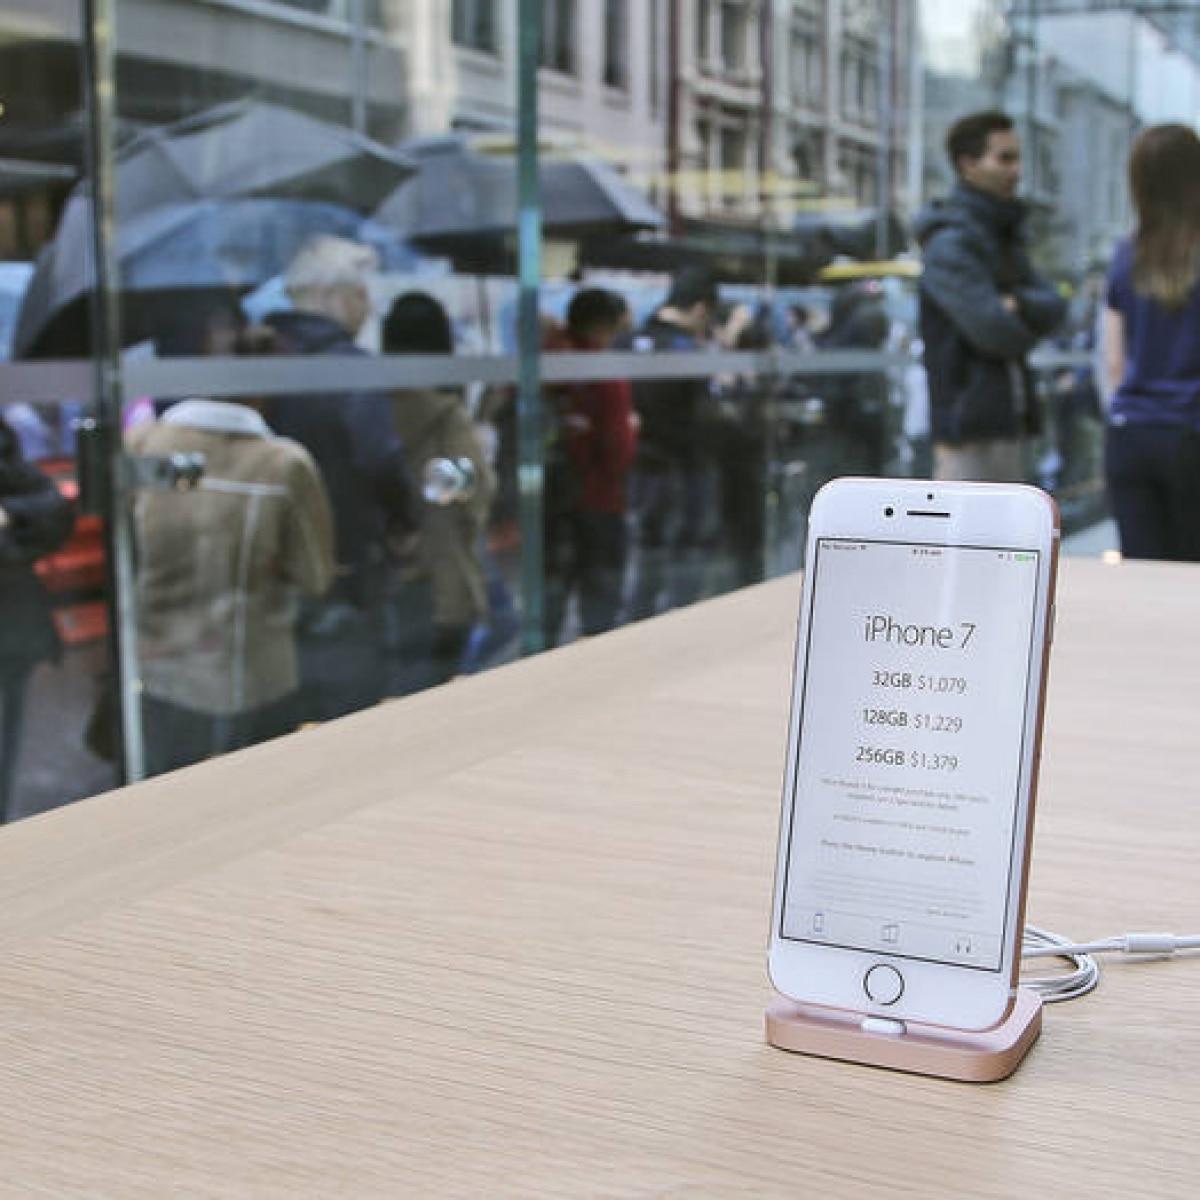 9732a0a1749 iPhone 7 começa a ser vendido no Brasil nesta sexta-feira - Link - Estadão